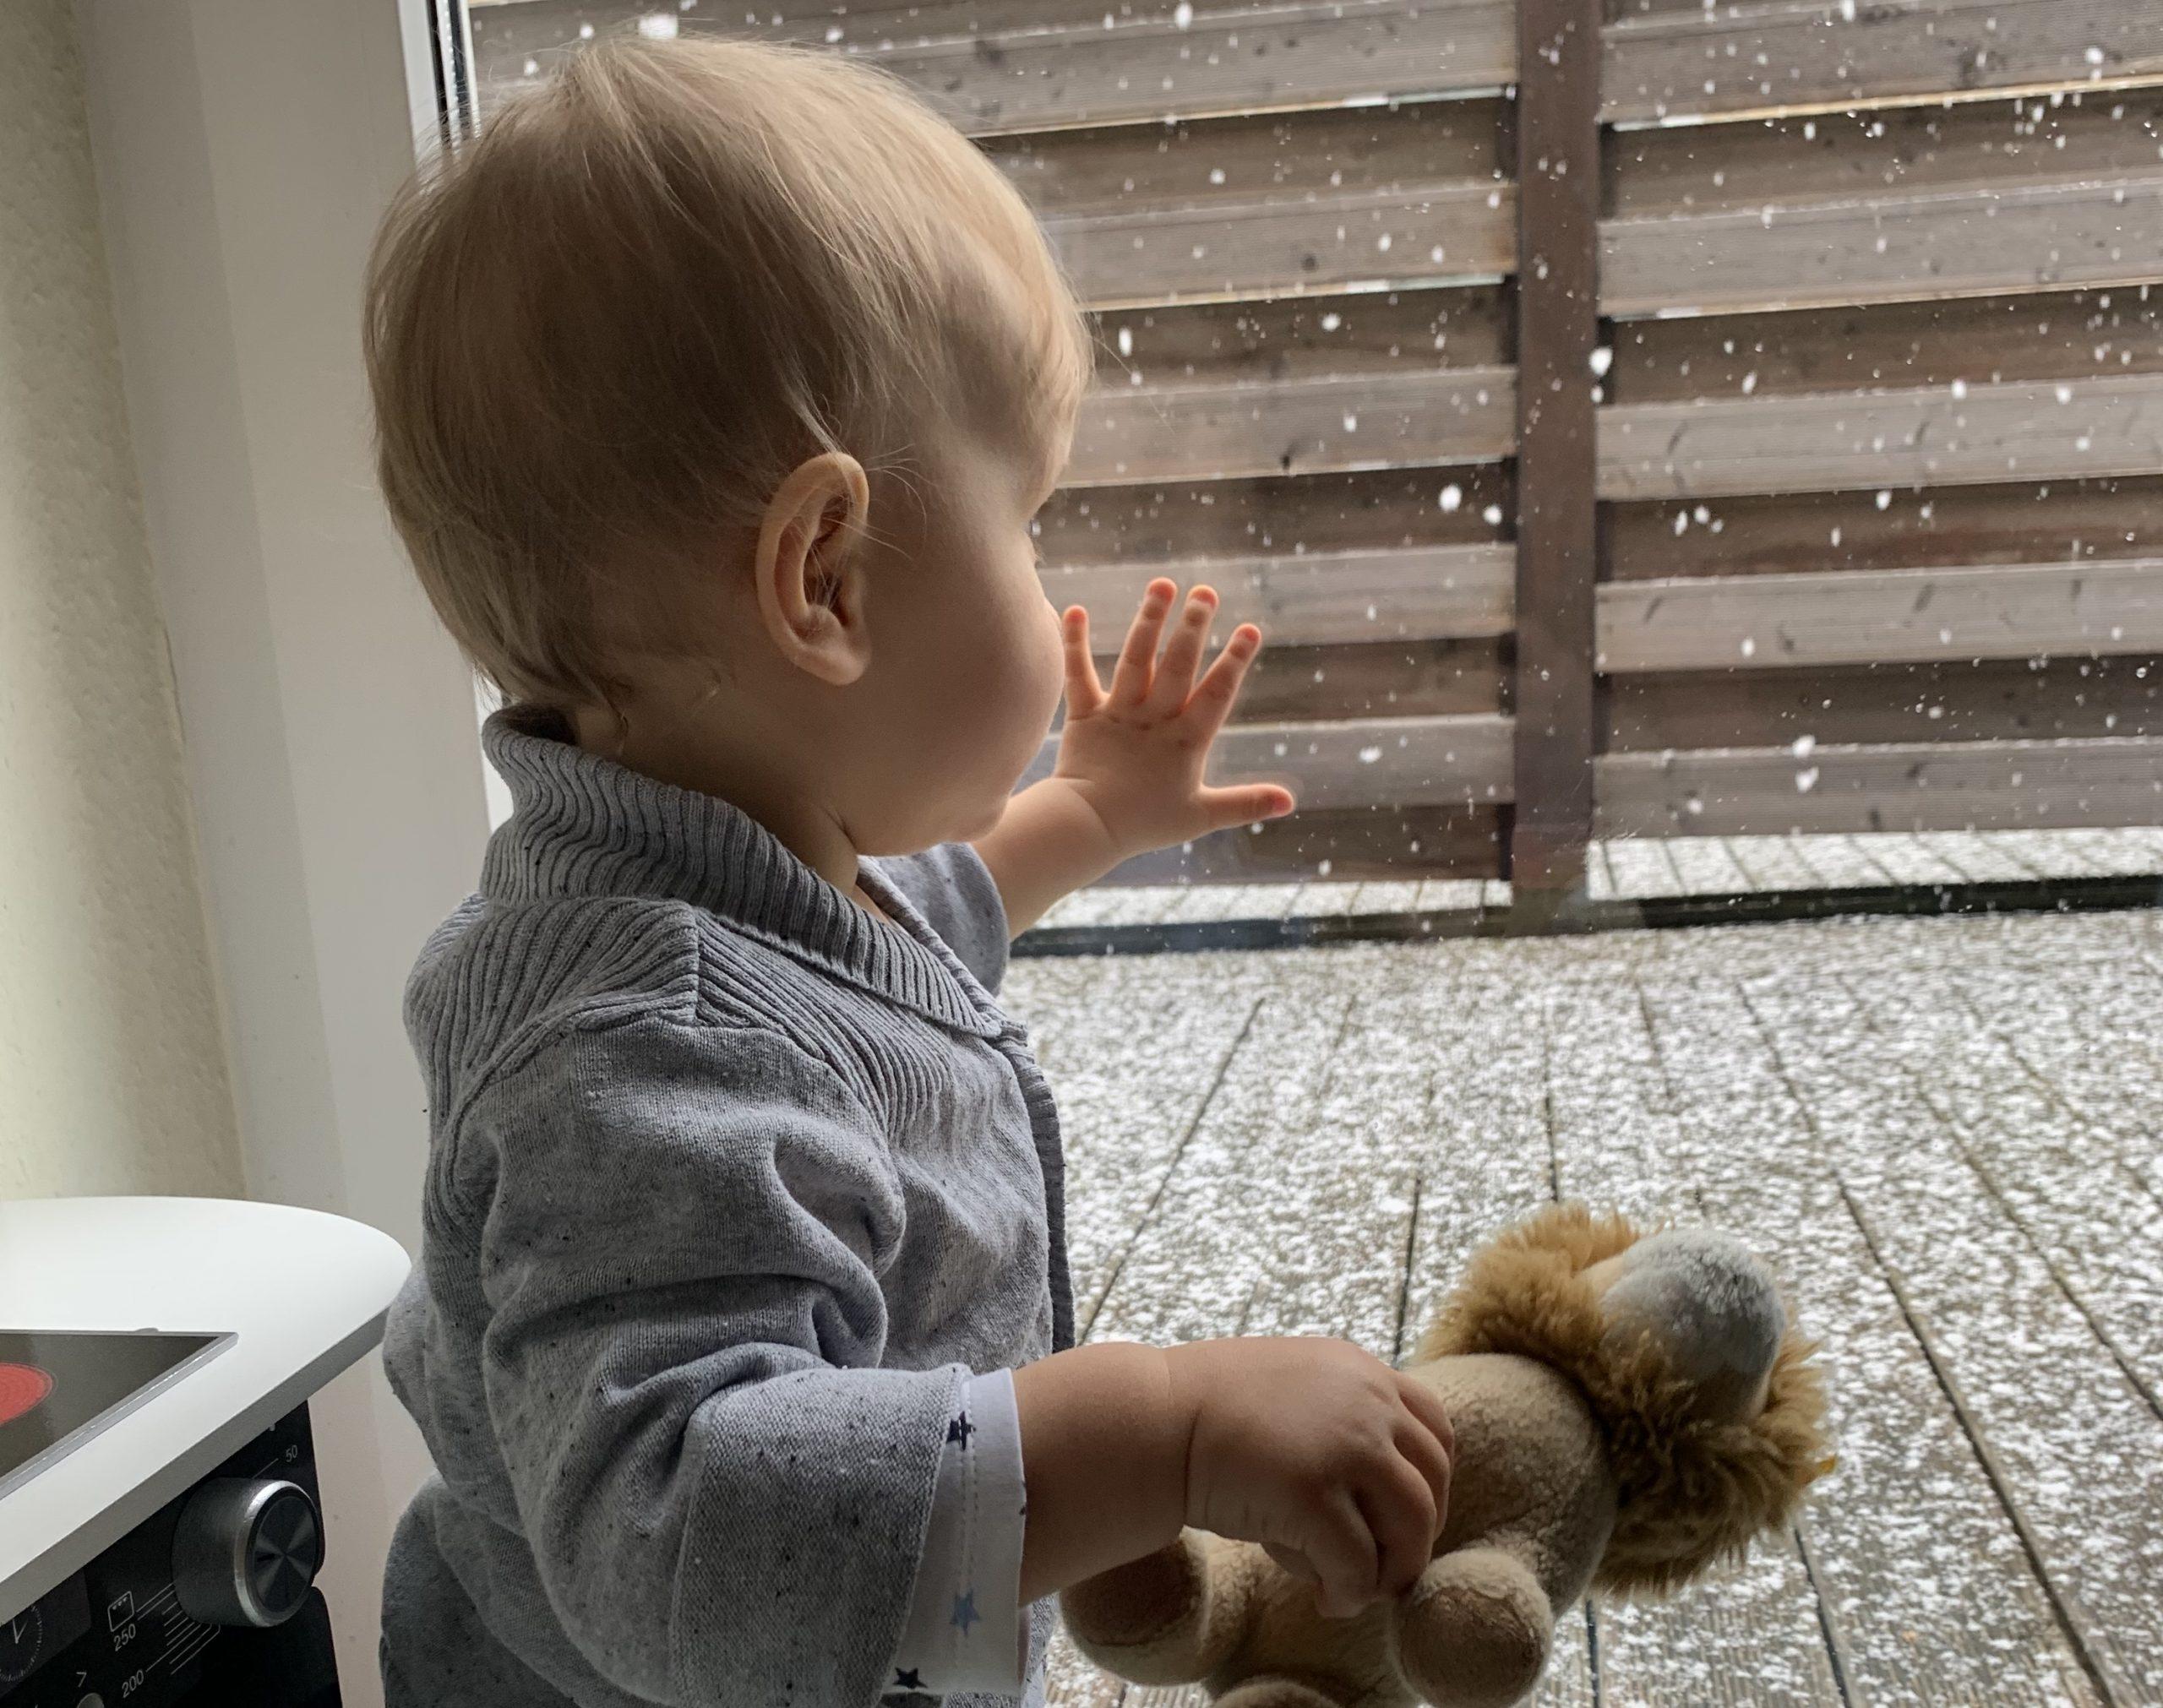 Geboren, um vernachlässigt zu werden – Briefe an mein zweites Kind [1/X]